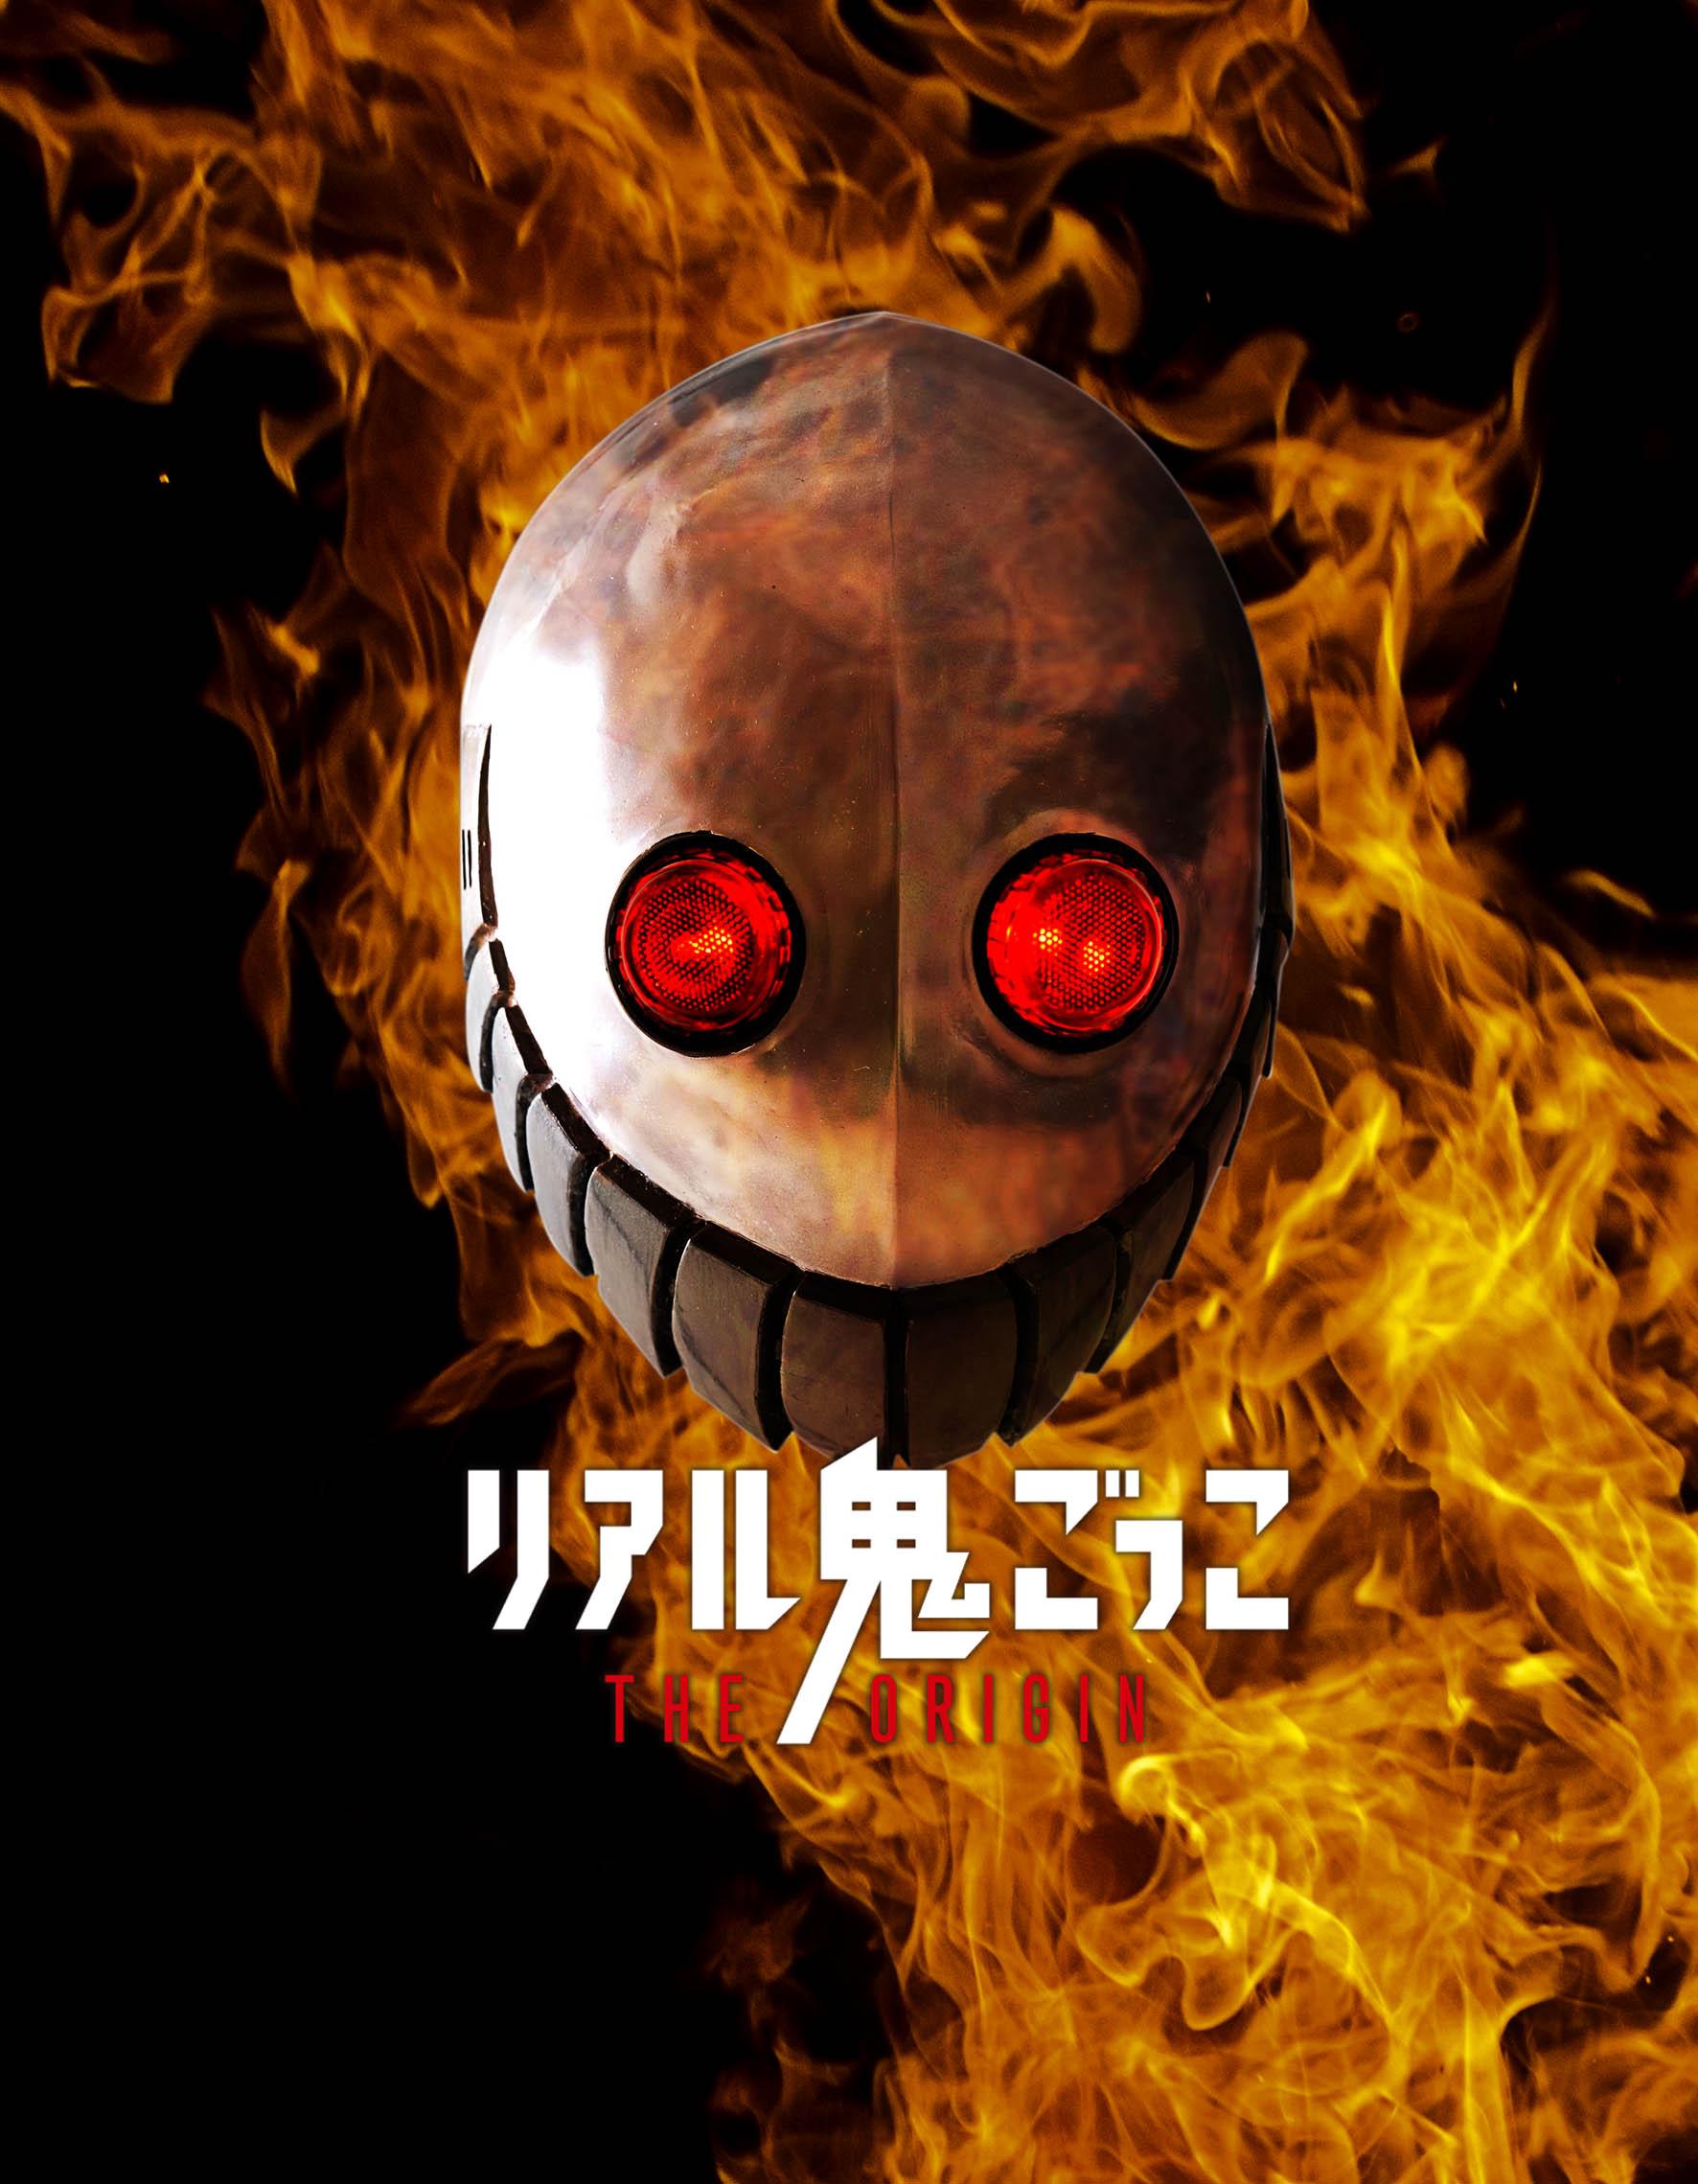 4月スタートの新作ドラマ「リアル鬼ごっこTHE ORIGIN」を「ビデオマーケット」にてスマホ向けに見逃し配信スタート!